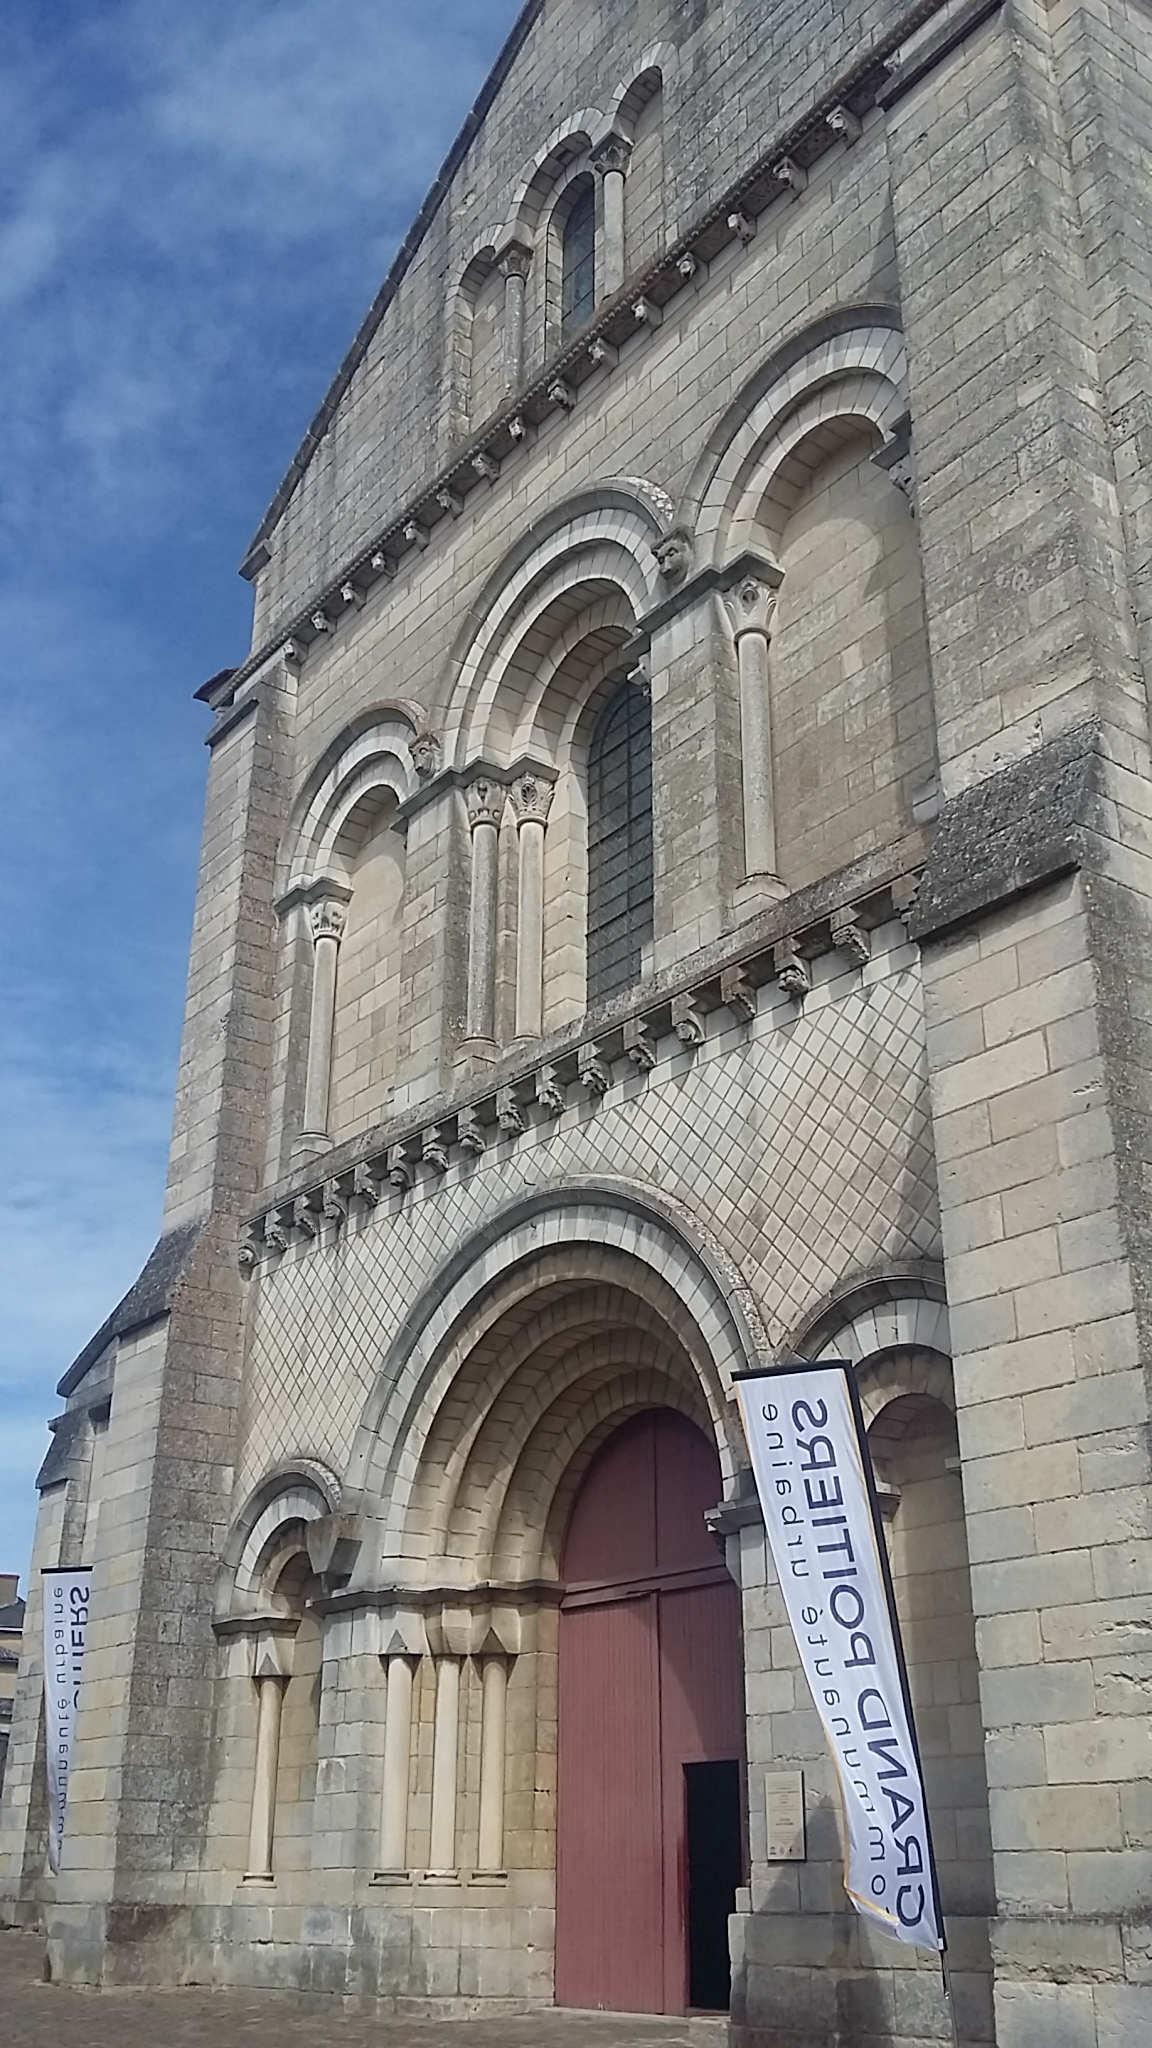 Façade de l'église Saint-Hilaire.